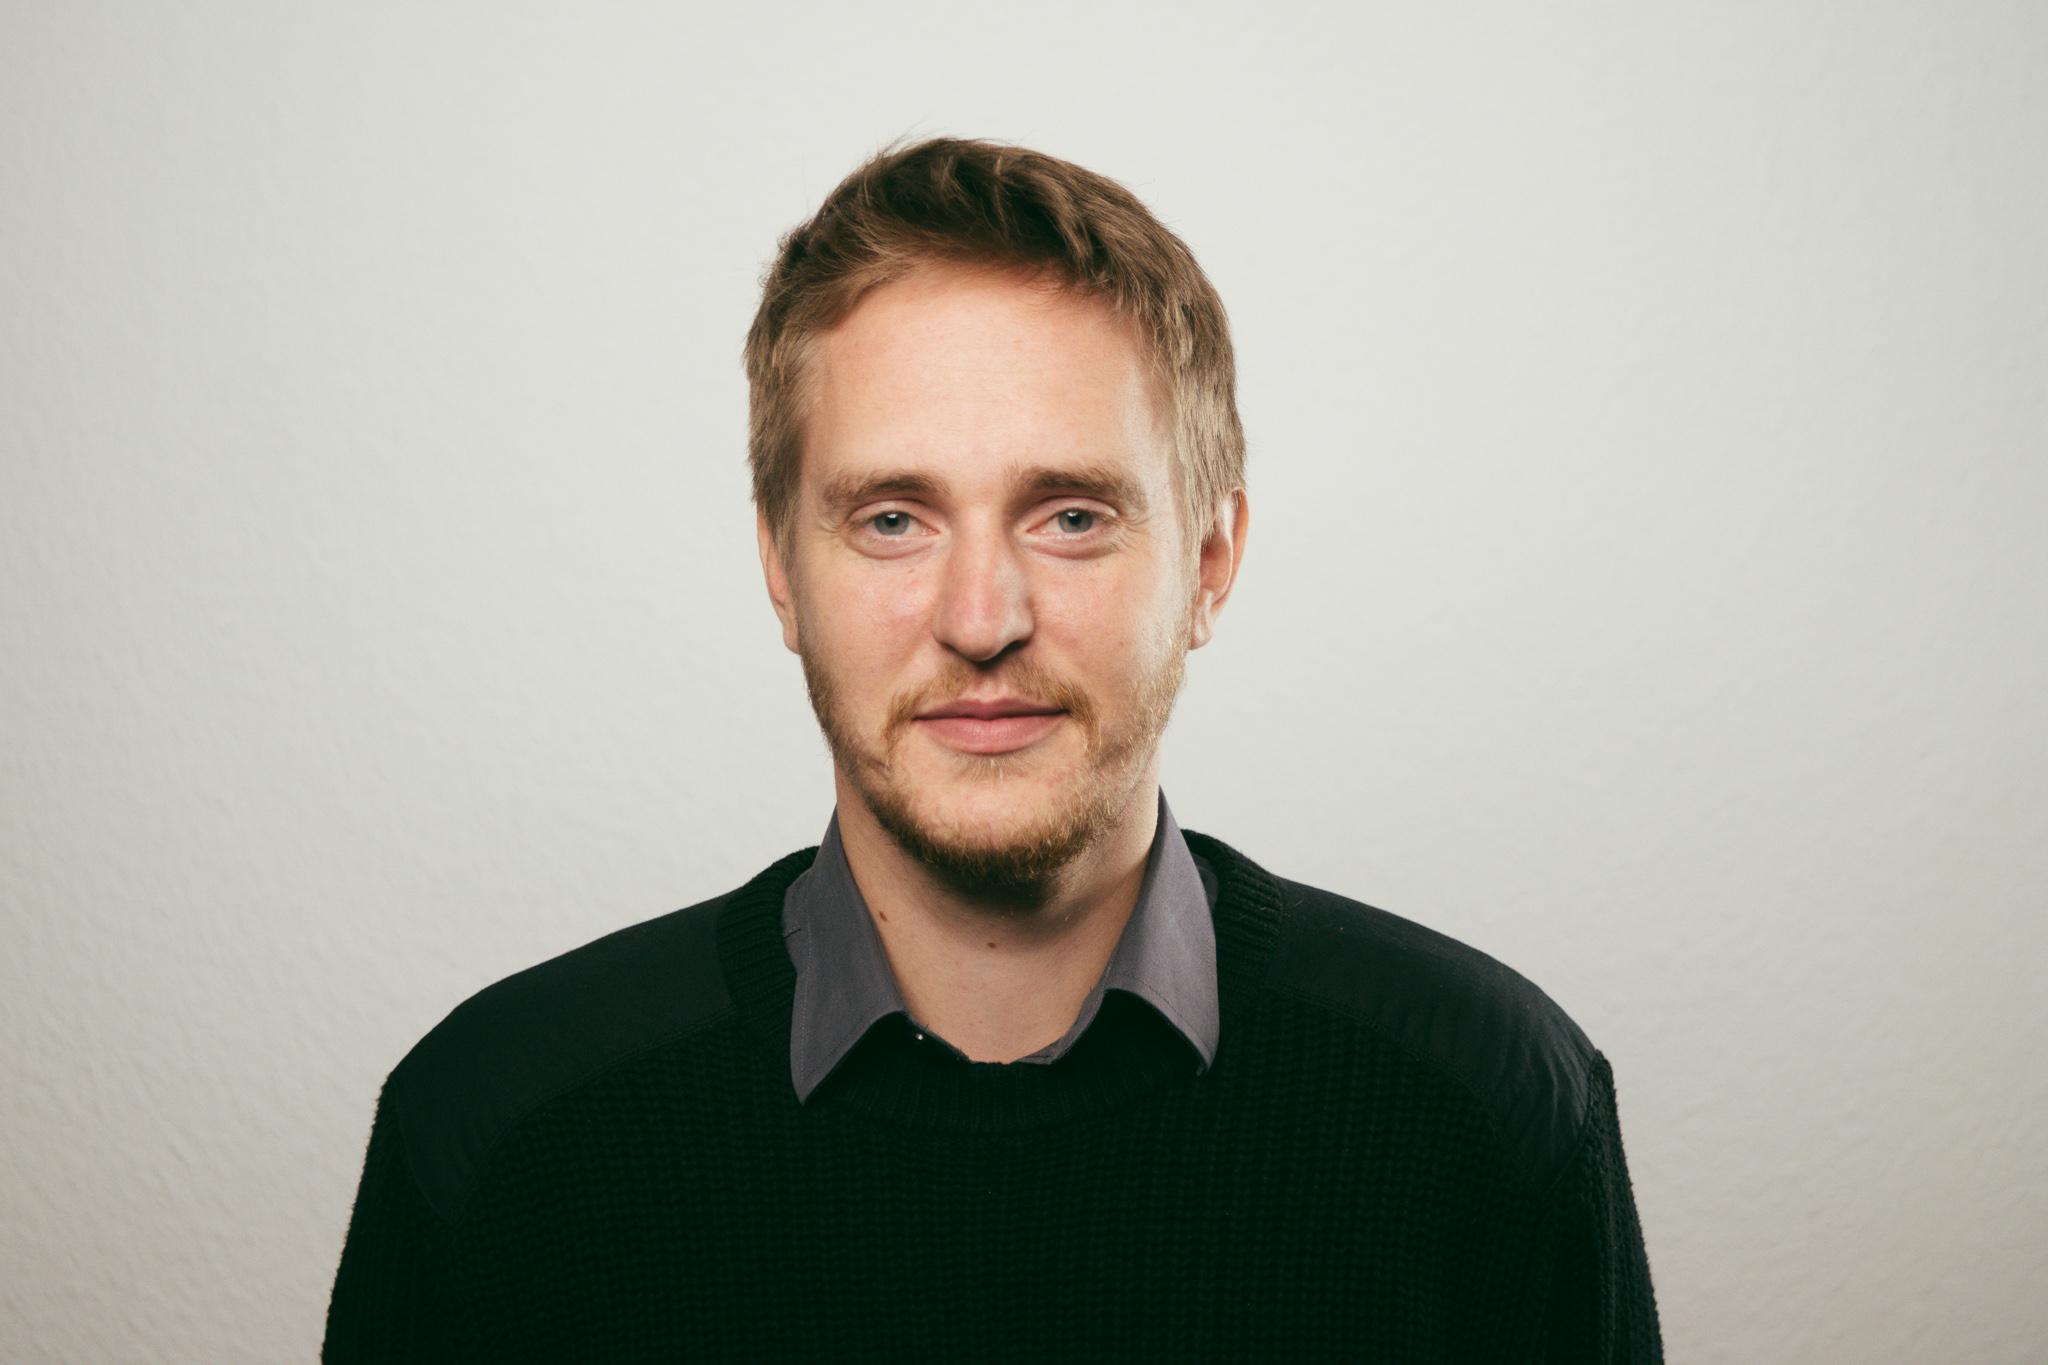 Nikolai Moritz